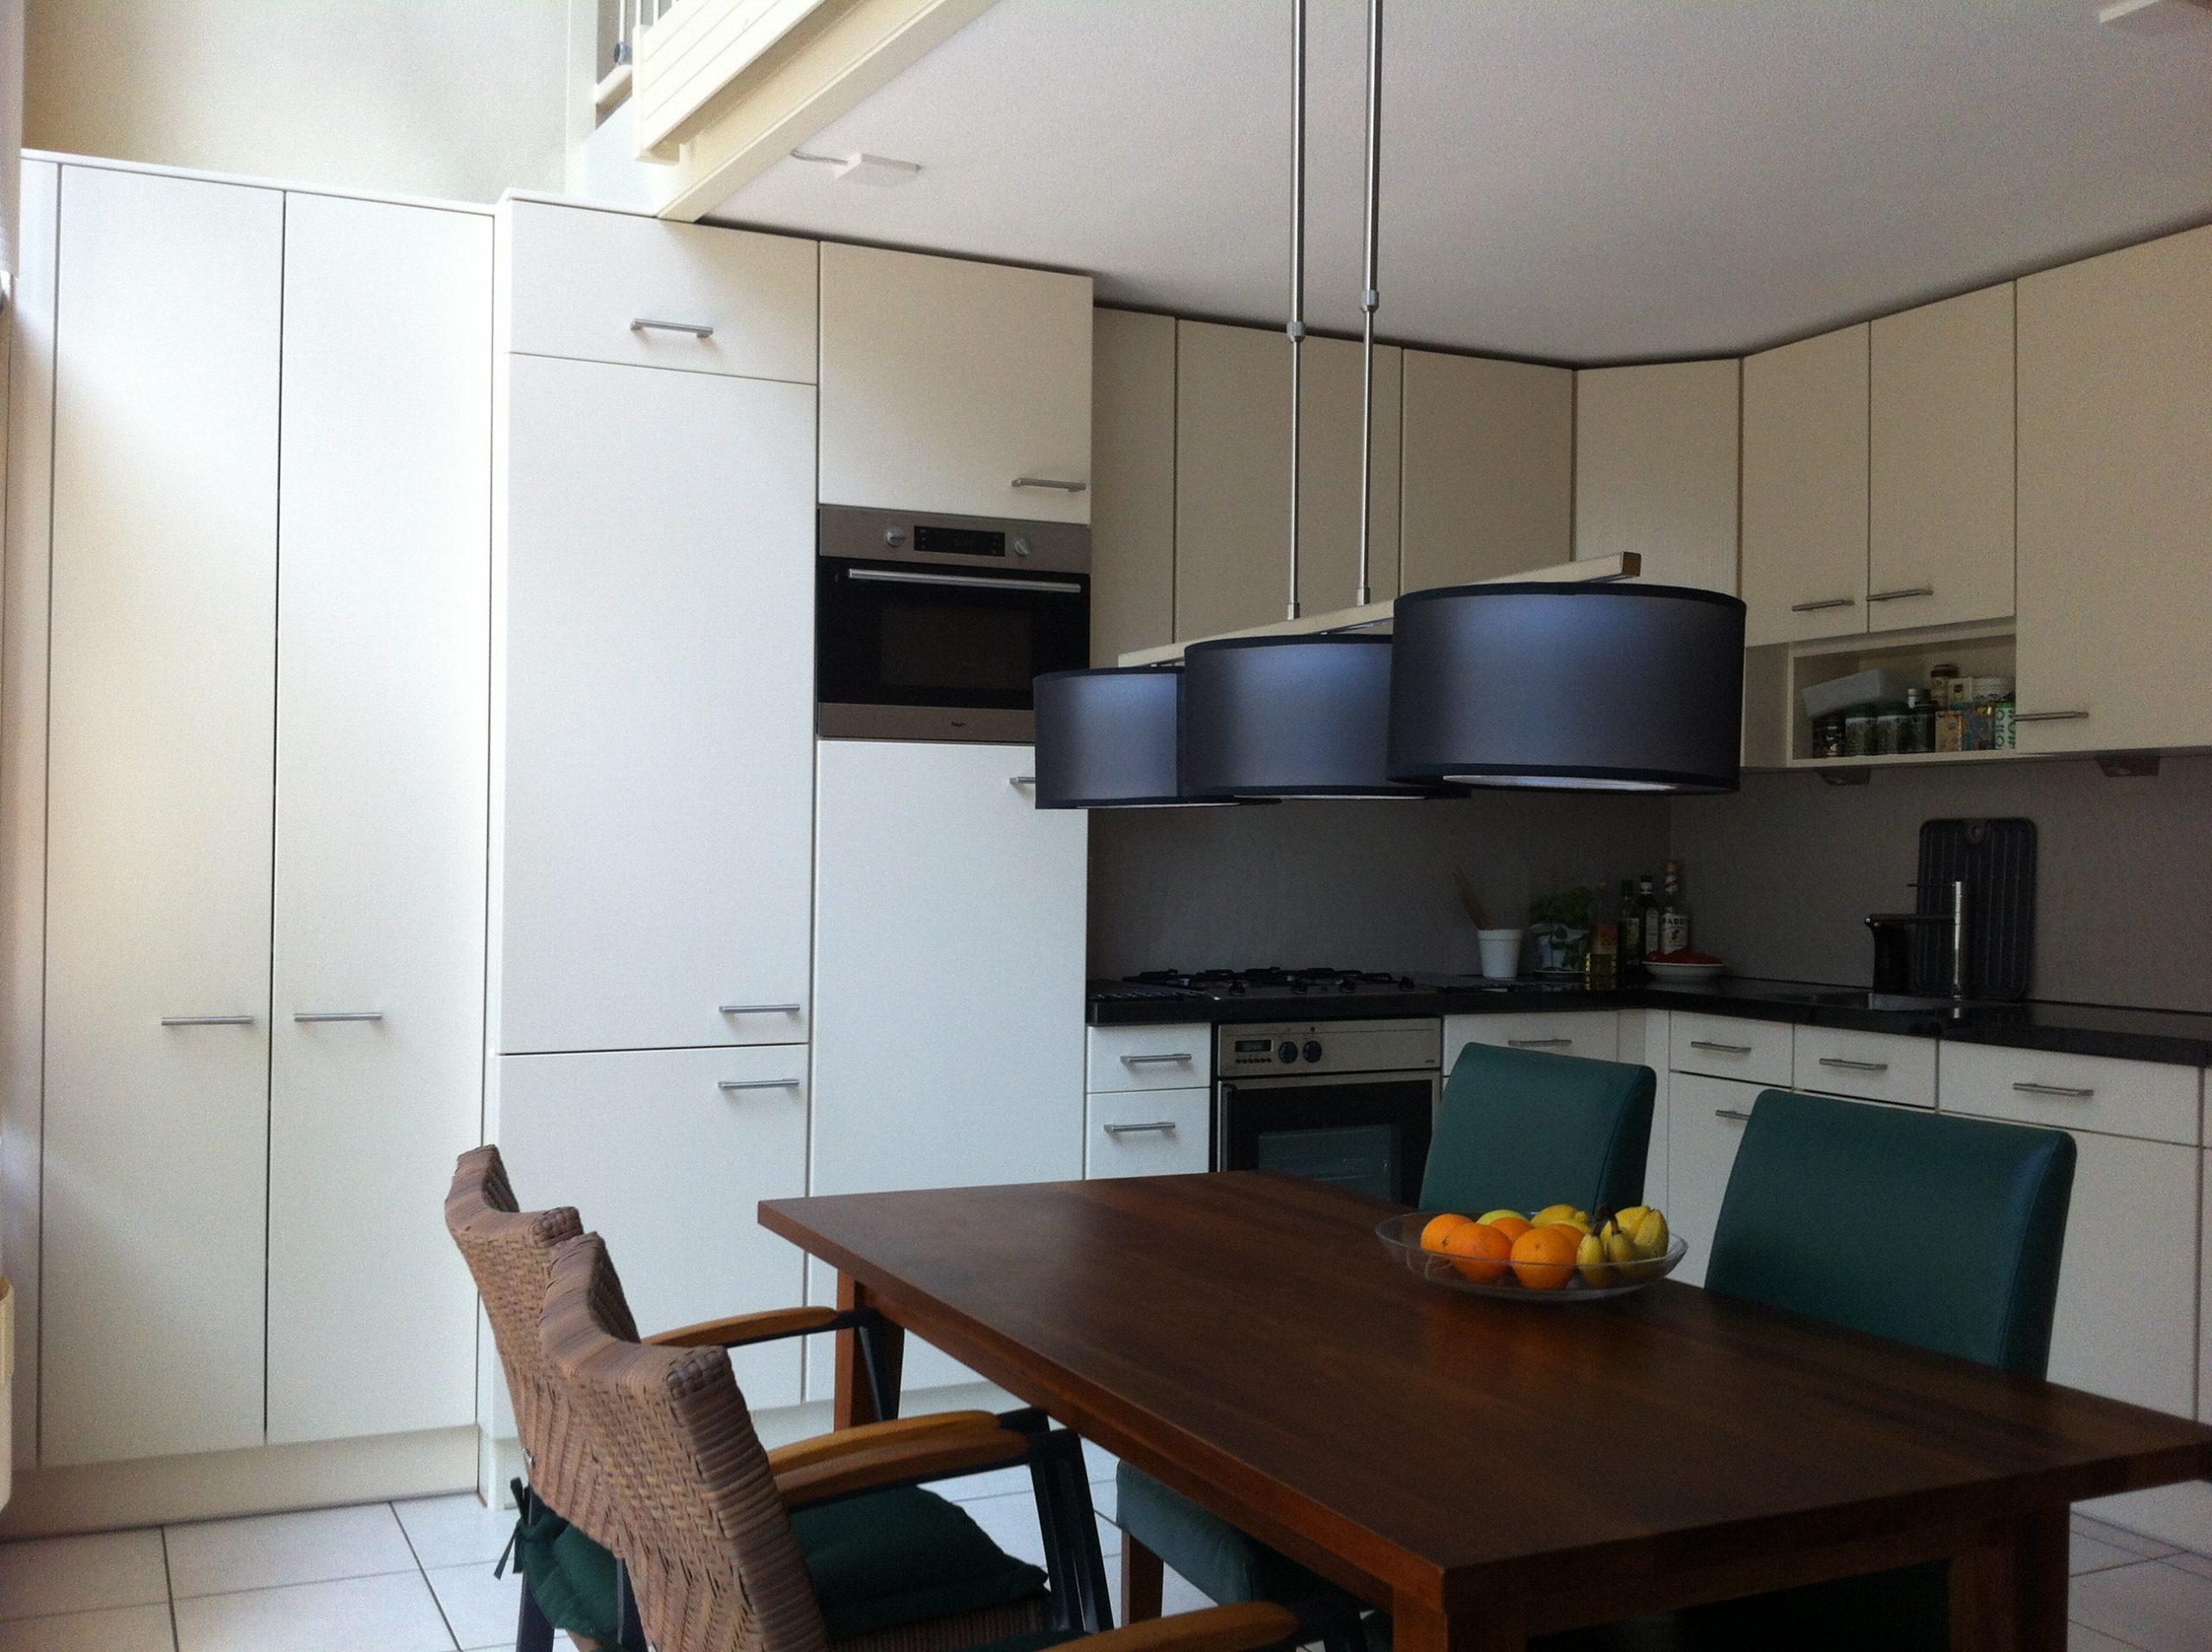 e keuken met de maatwerk hoge kast na renovatie